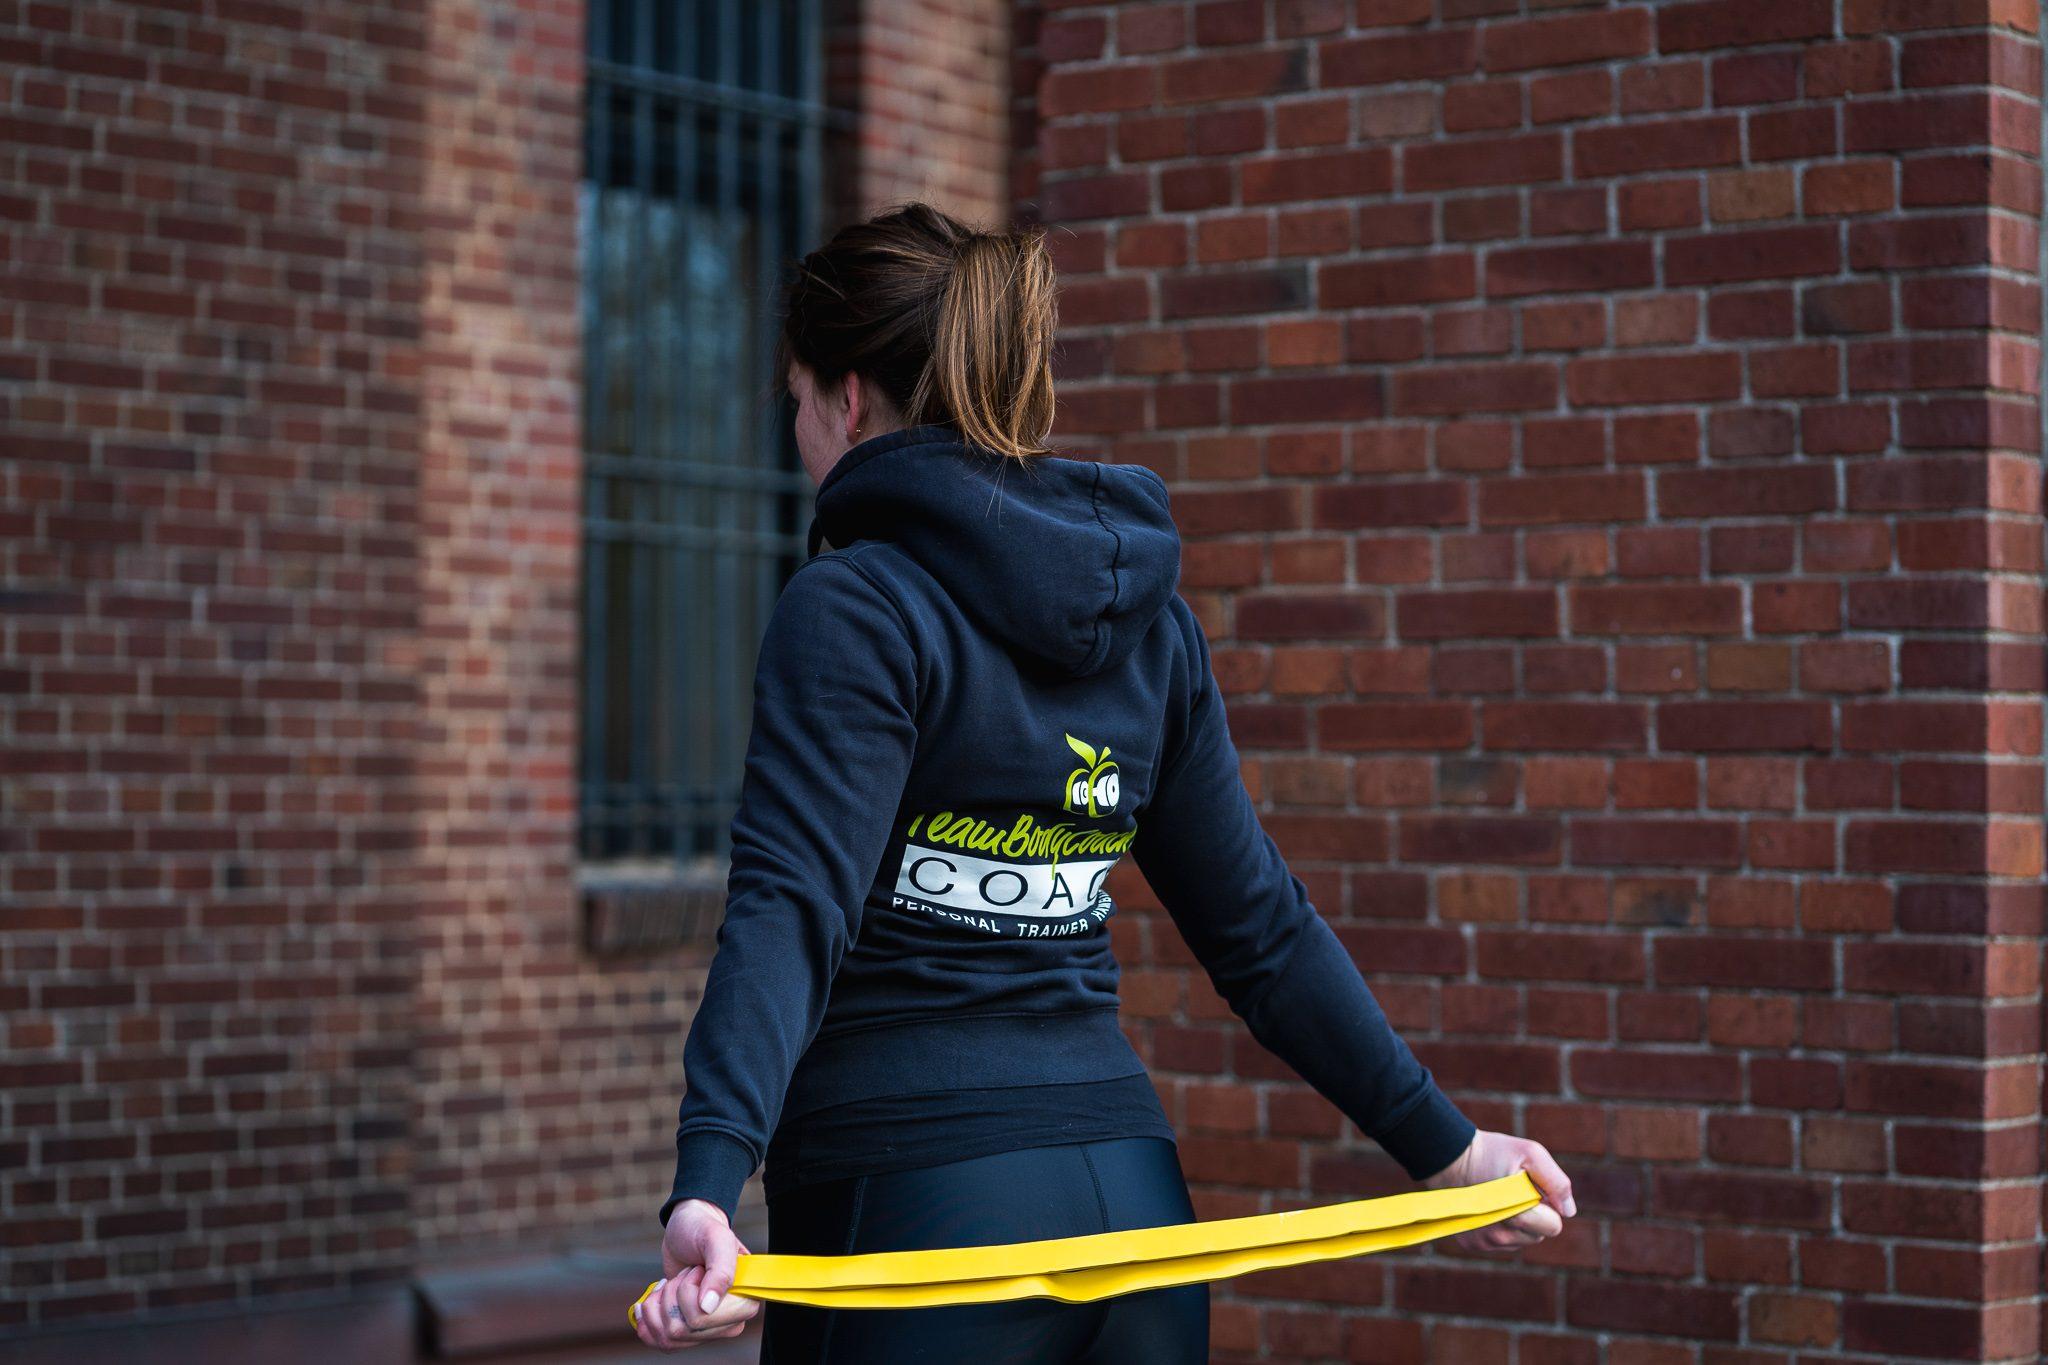 Personal Fitness Trainer Hamburg - TeamBodyCoach - Sei nicht so steif - 3 Mobility Vorteile 5